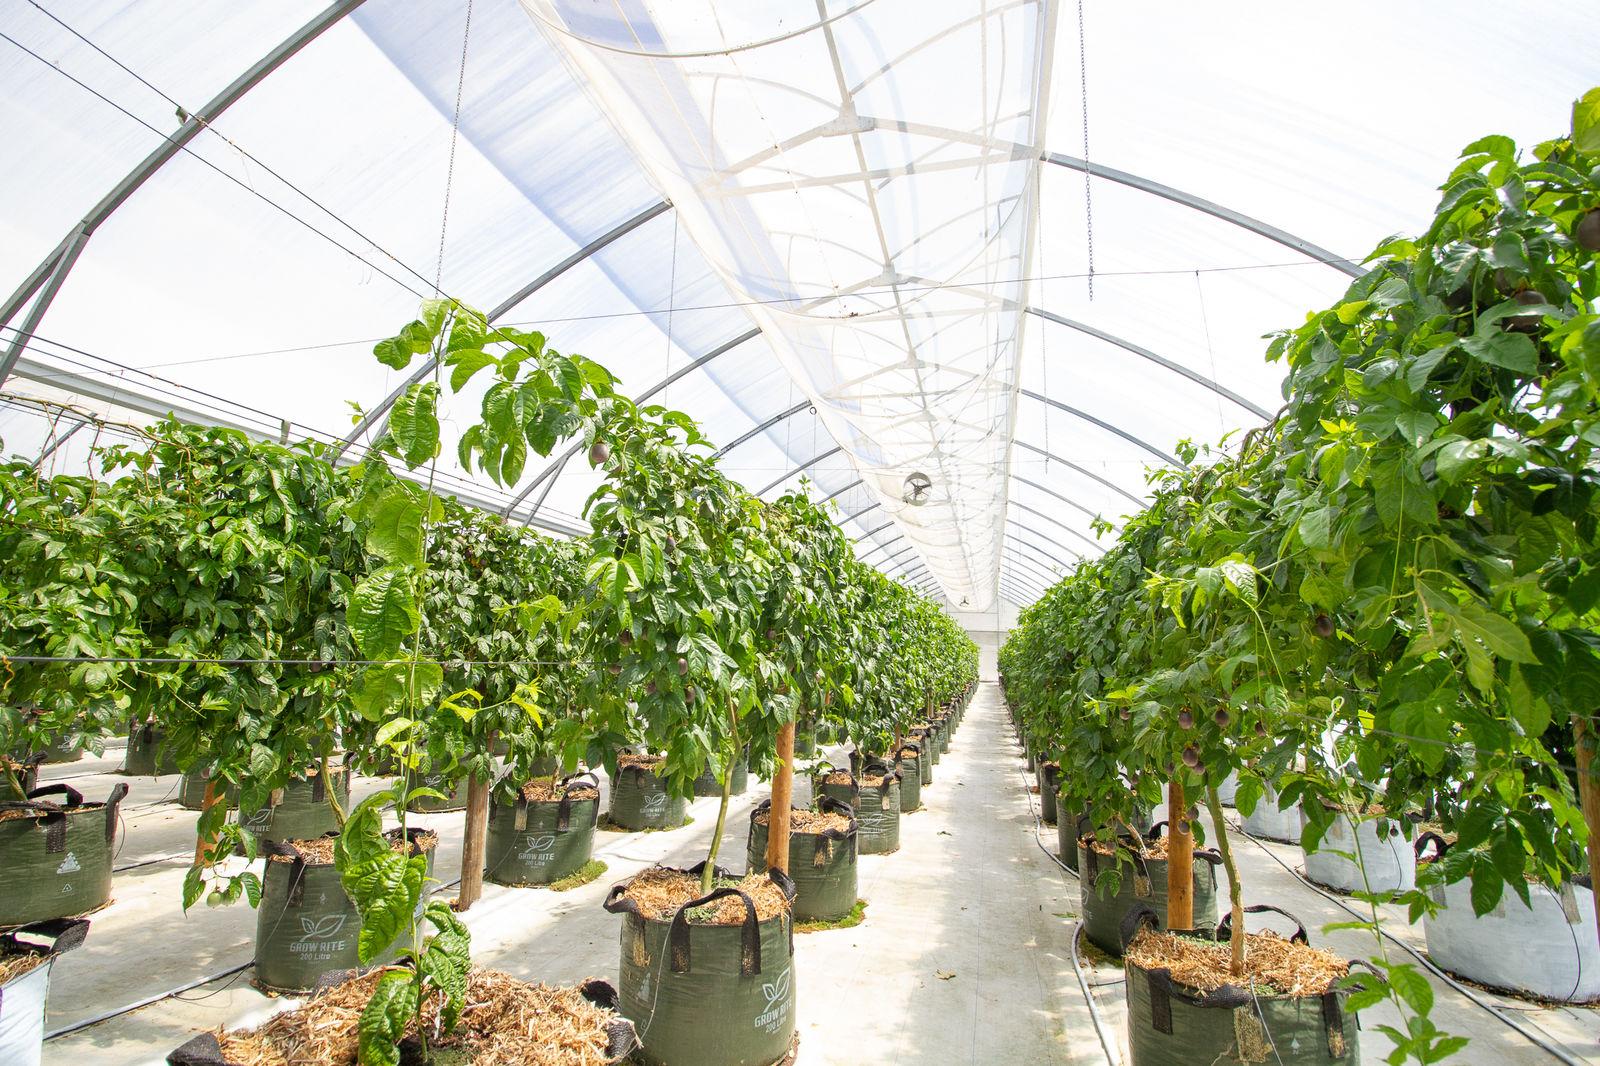 Passionfruit grown at Scott Pilcher's farm